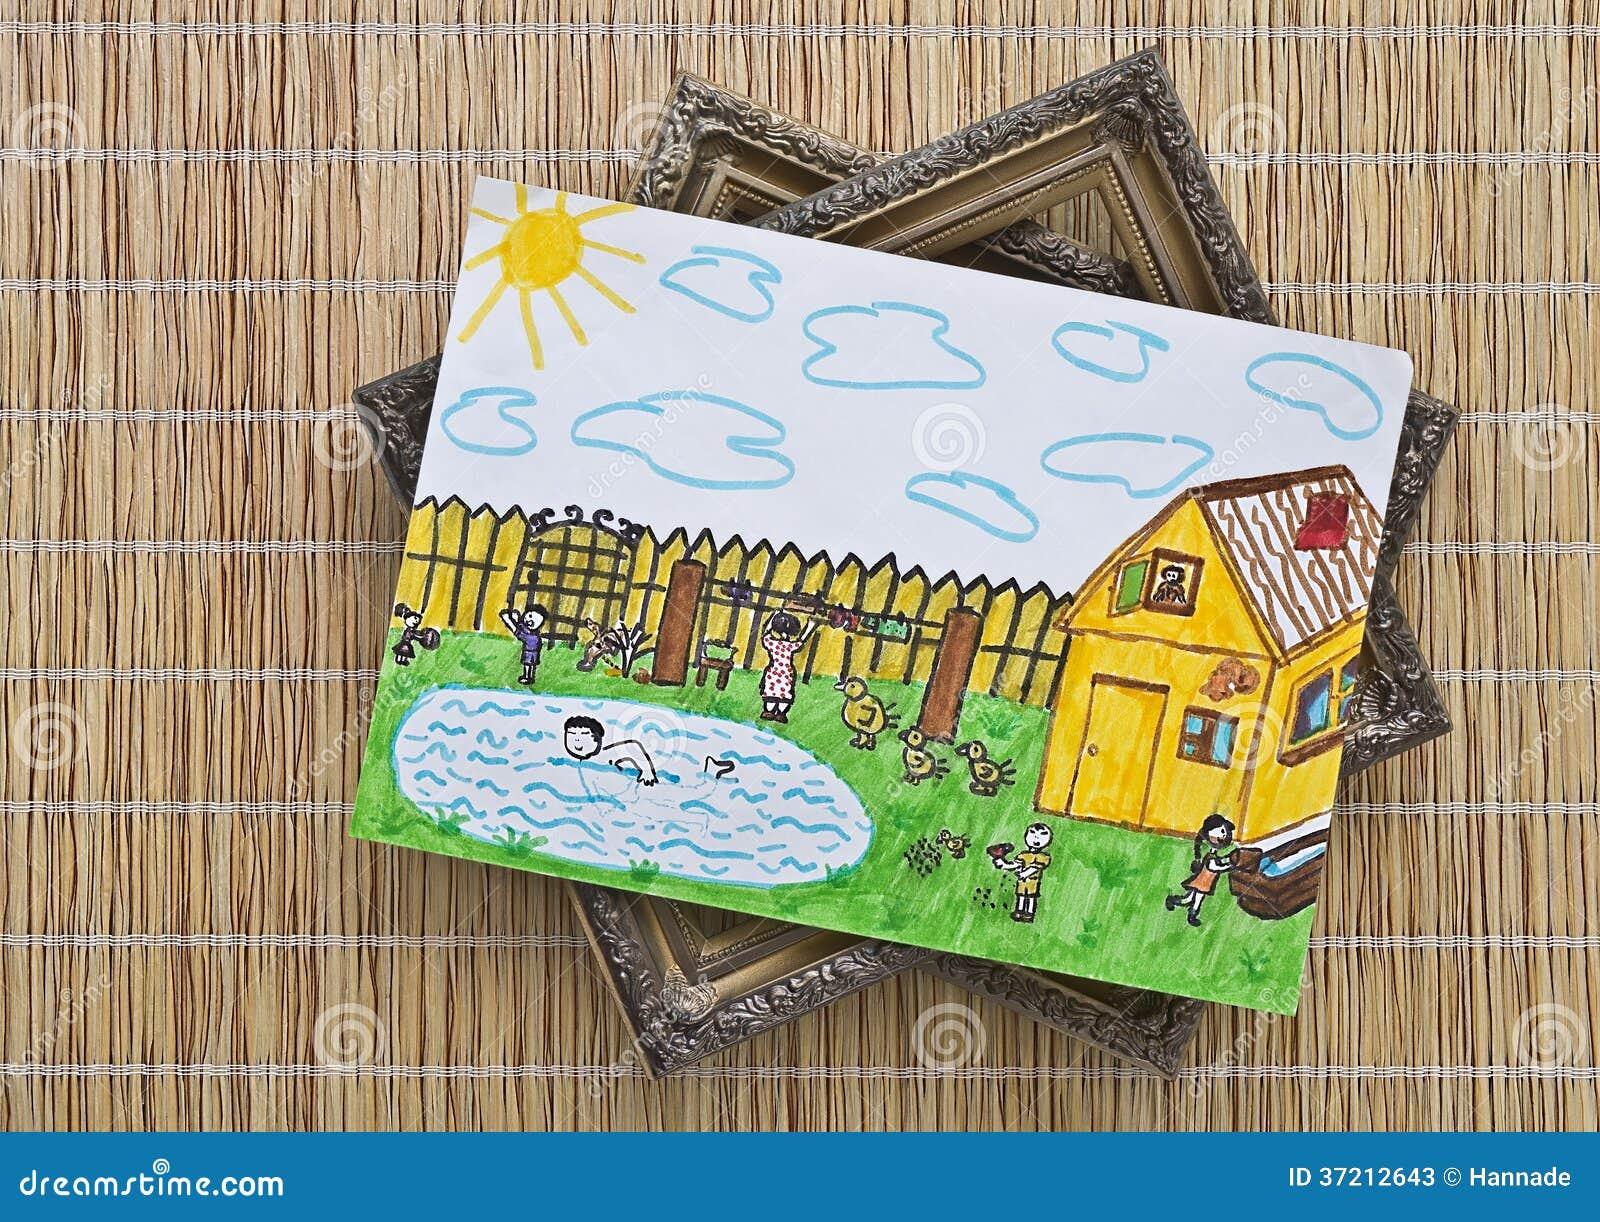 El Dibujo De Los Niños Está En La Estera Imagen de archivo - Imagen ...